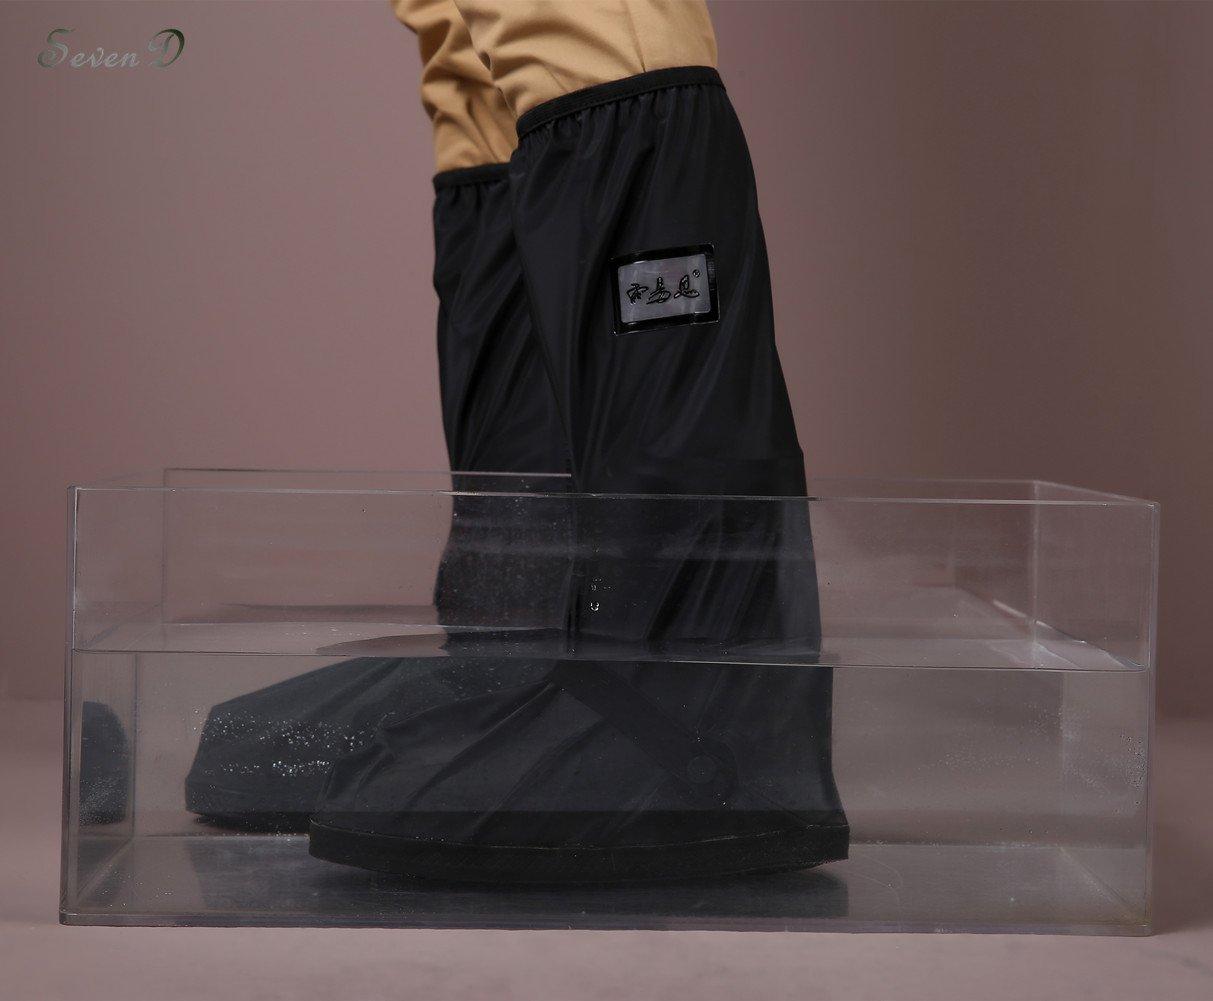 Impermeabile scarpa copertura, uomo riutilizzabile alto tubo di ispessimento fondo scarpa copertura, escursioni in bicicletta scarpa da pioggia copre leggero antiscivolo scarpe Nero--Tubo Alto) SevenD